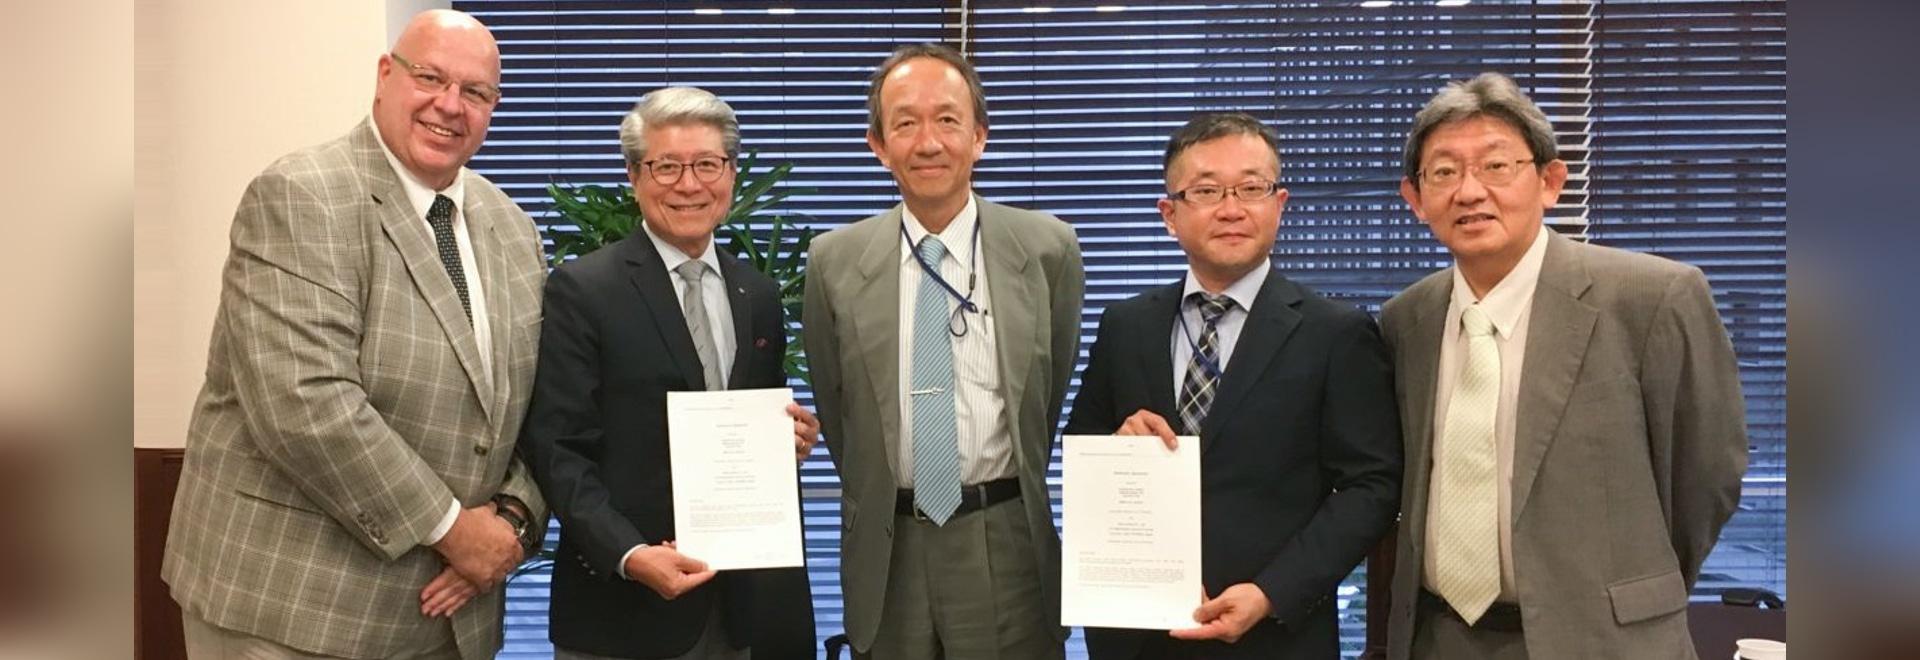 Unterzeichnende Verteilervereinbarung FerRobotics und TAIHEI BOEKI Co. Ltd für Jaoan